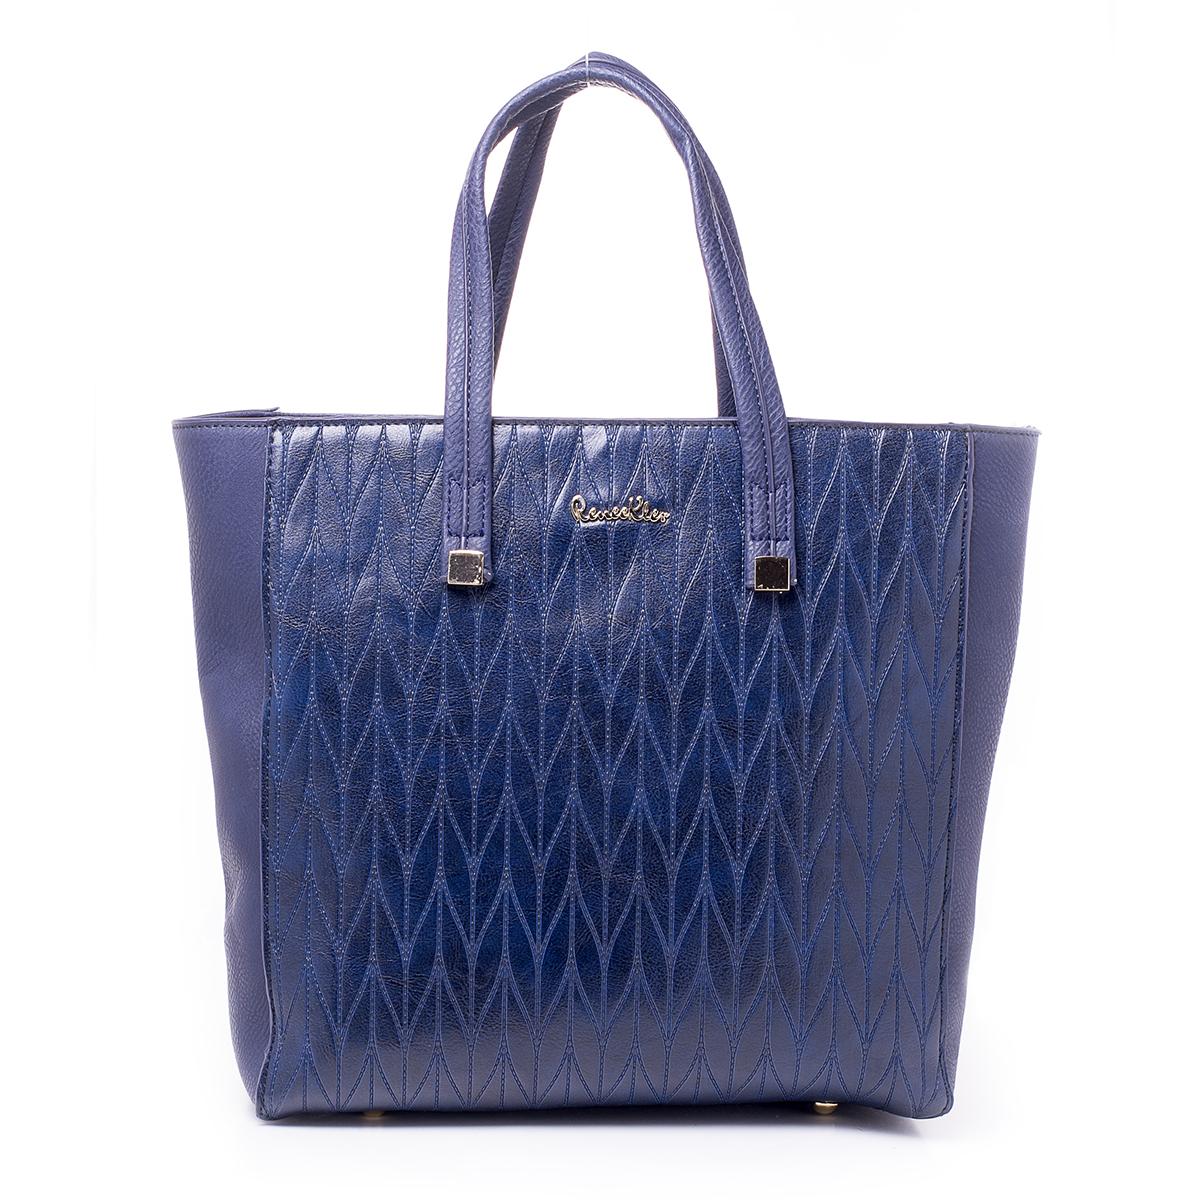 Сумка женская Renee Kler, цвет: сине-фиолетовый. RK515-06S76245Стильная женская сумка Renee Kler выполнена из качественной искусственной кожи. Сумка оформлена оригинальным тиснением. Сумка имеет одно отделение и застегивается на молнию. Лицевая часть декорирована металлическим элементом с названием бренда. Внутри отделения находятся два накладных кармана и один врезной карман на застежке-молнии. Отделение разделено карманом-средником на застежке-молнии.Сумка оснащена двумя удобными ручками с металлической фурнитурой.